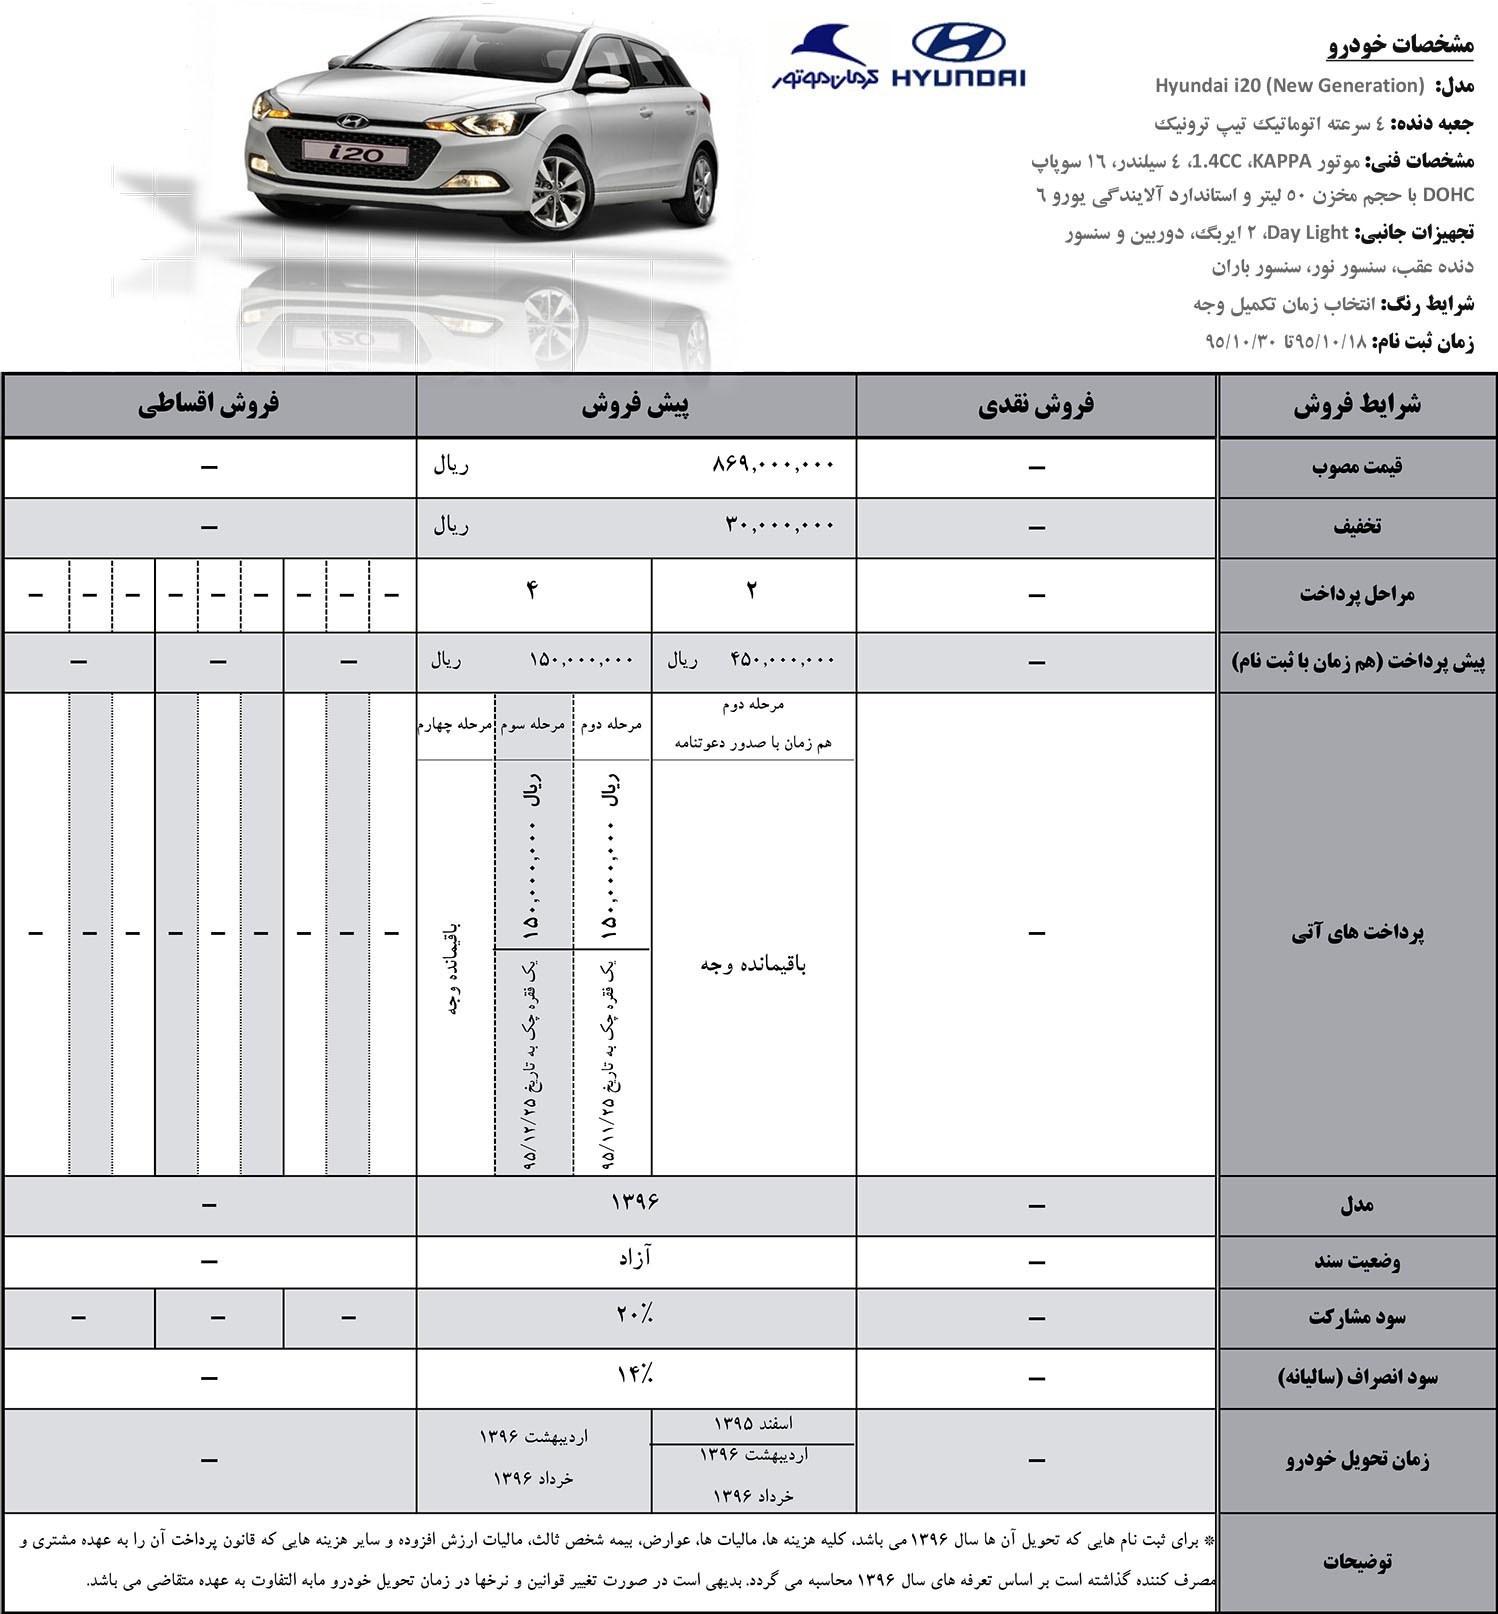 شرایط فروش هیوندای i۱۰ و i۲۰ اعلام شد